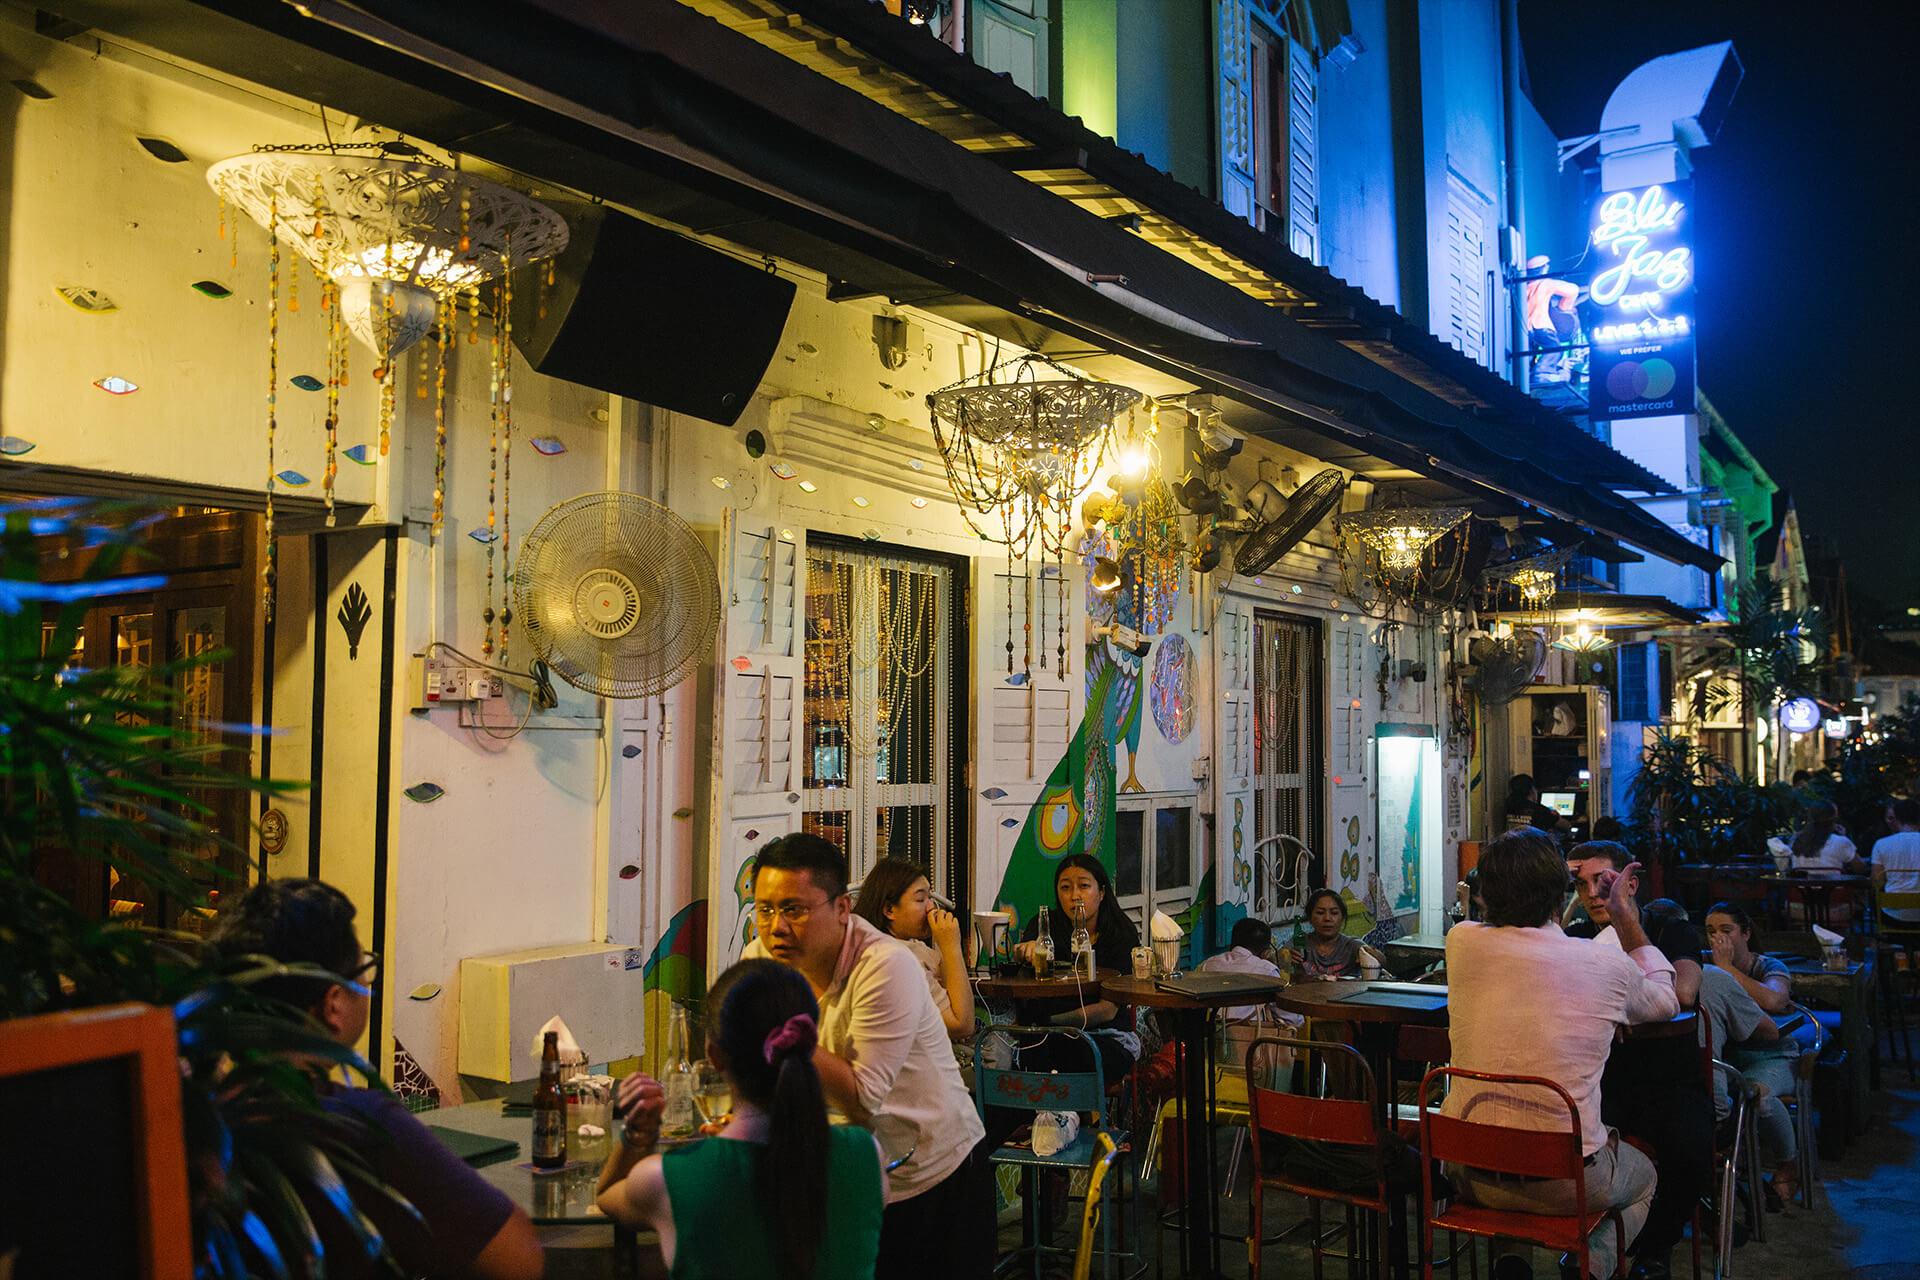 每日下午開始已有客人在Blu Jaz的戶外區域飲酒聊天。